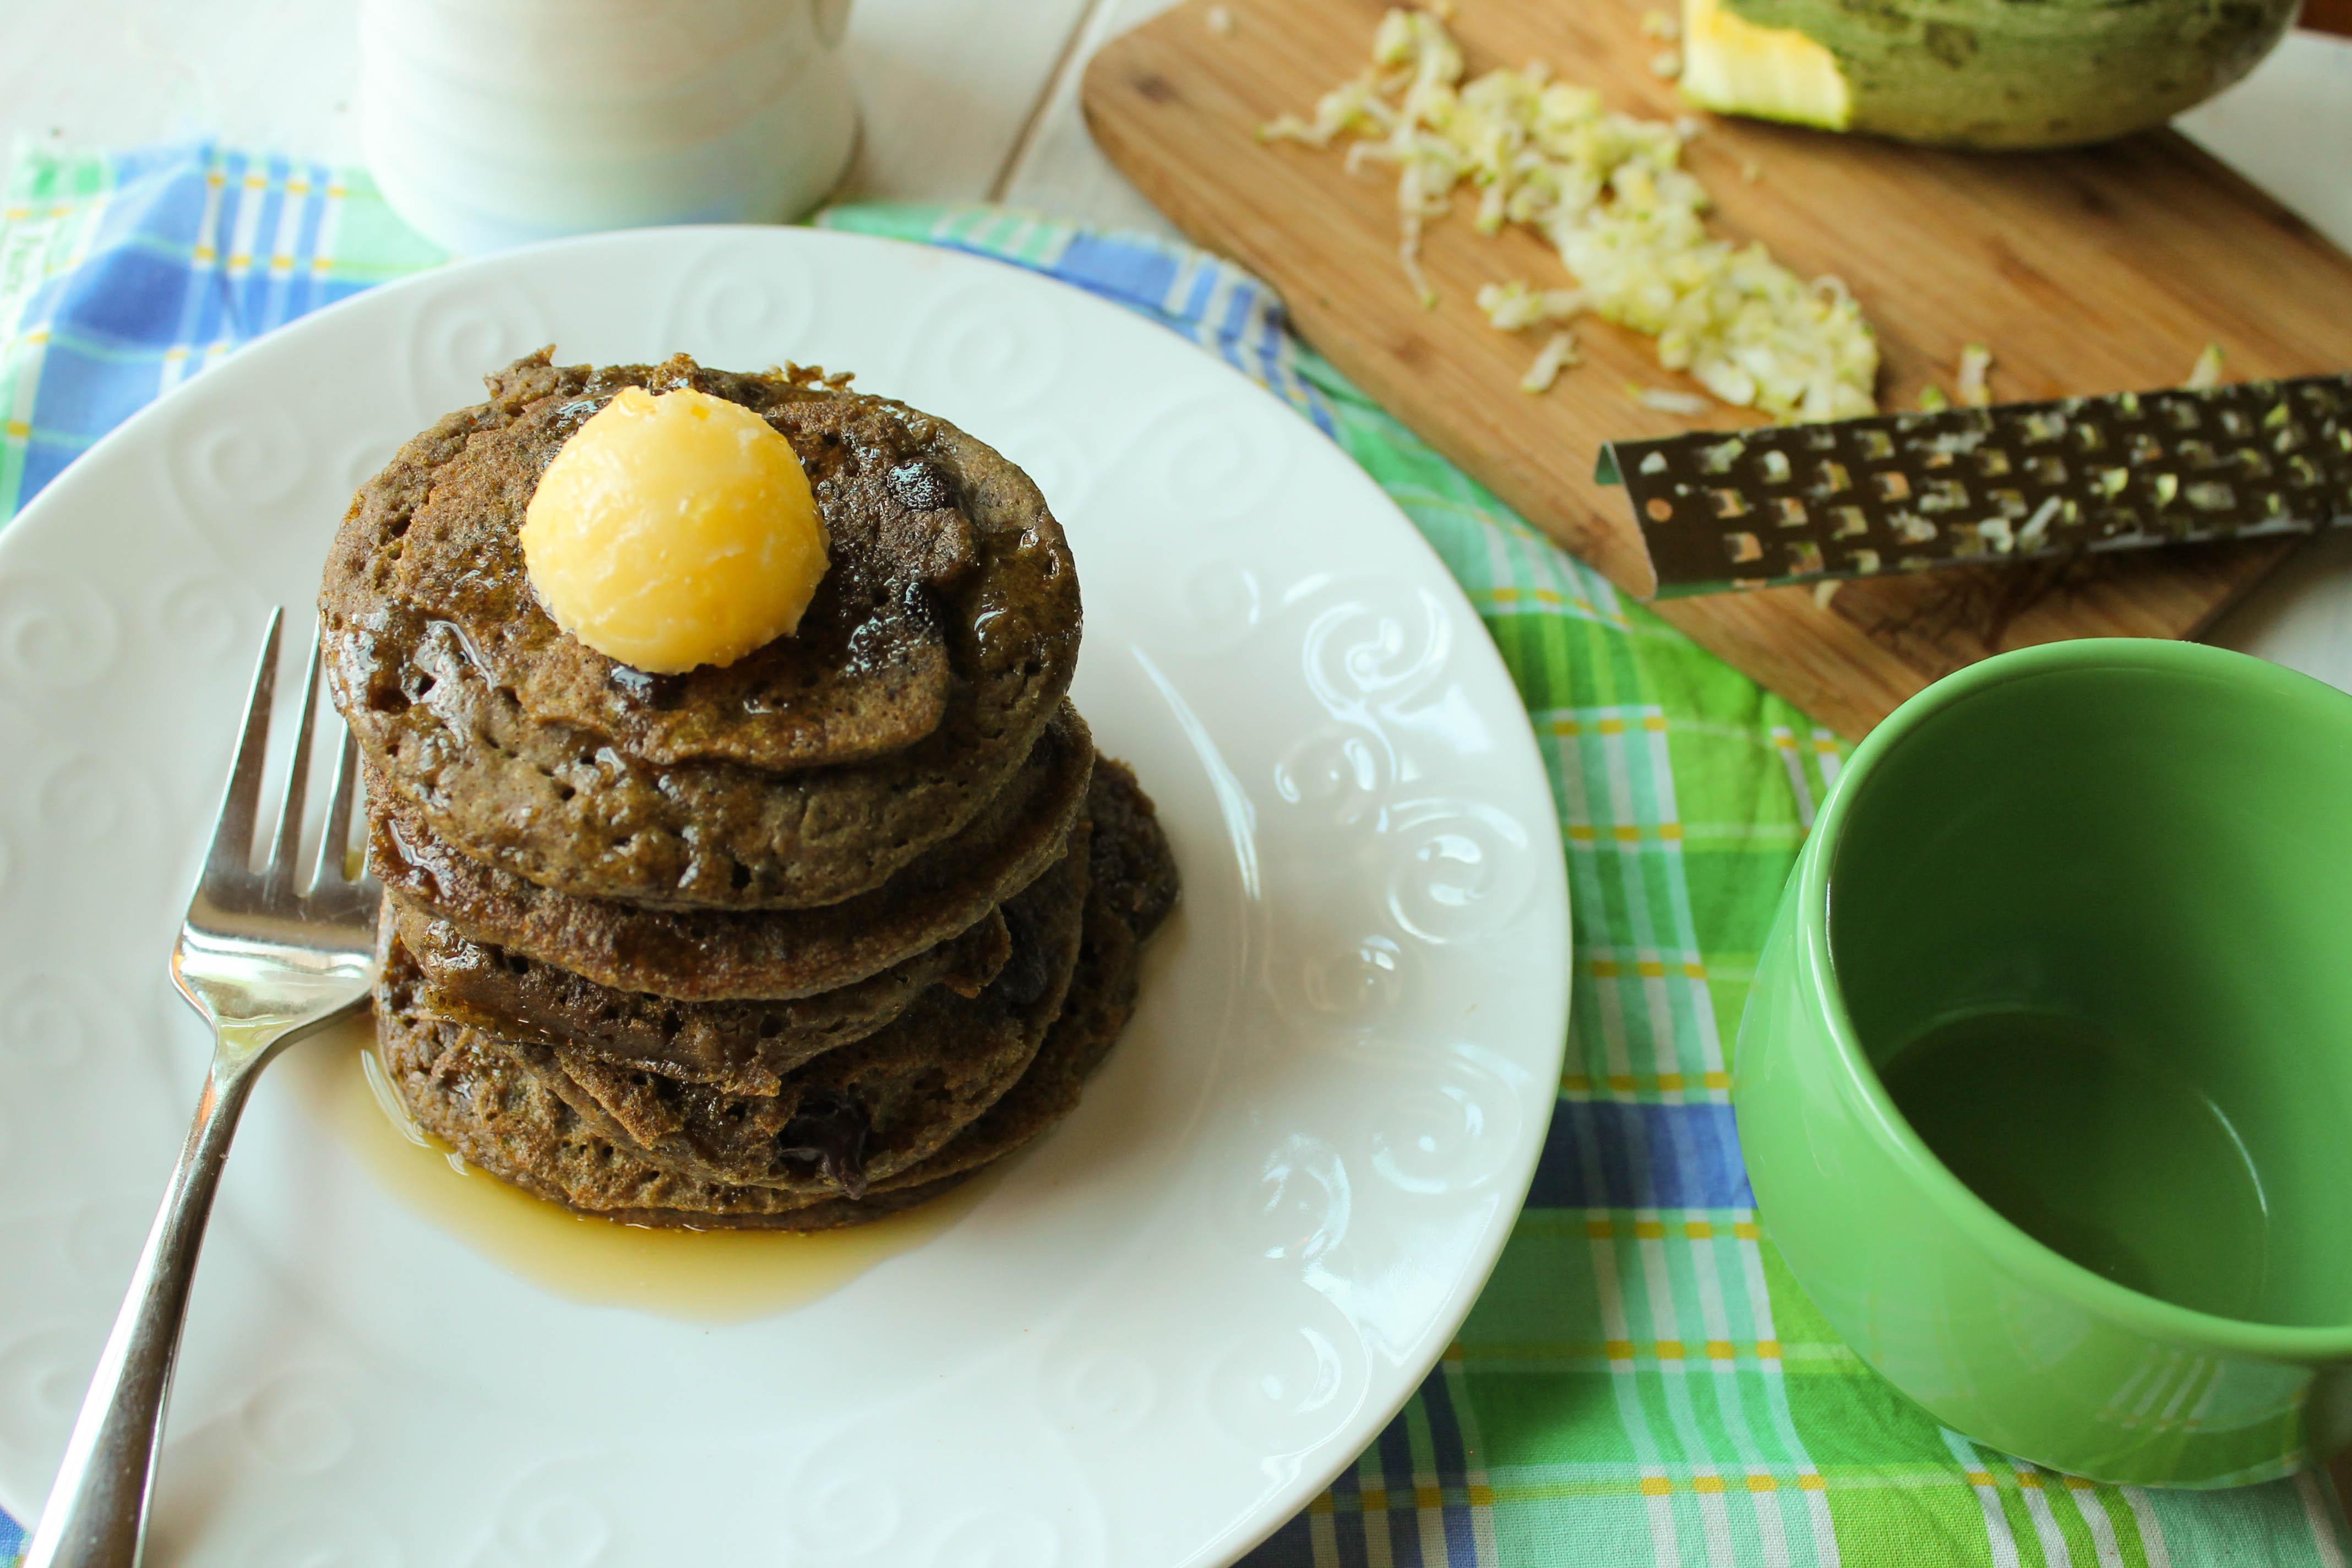 Zucchini-Chocolate-Chip-Pancakes-Gluten-Free-Vegan-3449.jpg